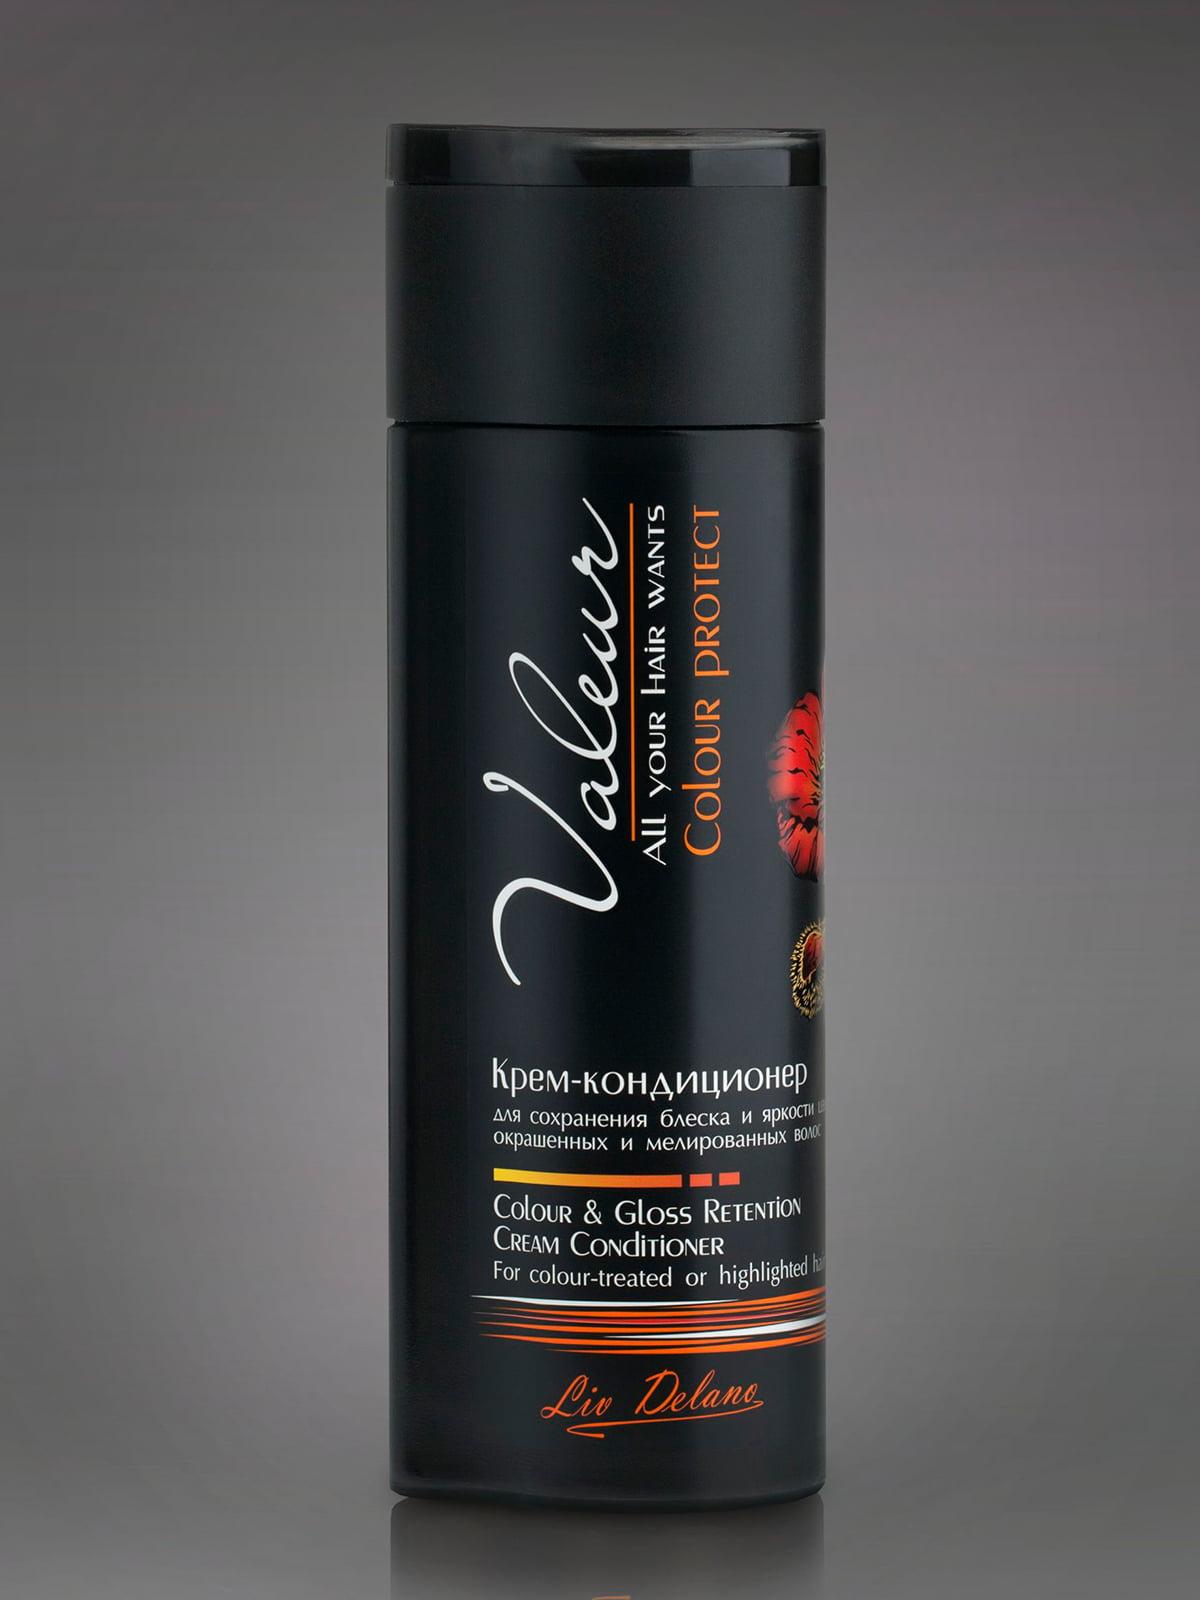 Крем-кондиціонер для збереження блиску і яскравості кольору фарбованого і мелірованого волосся (250 г) | 4763572